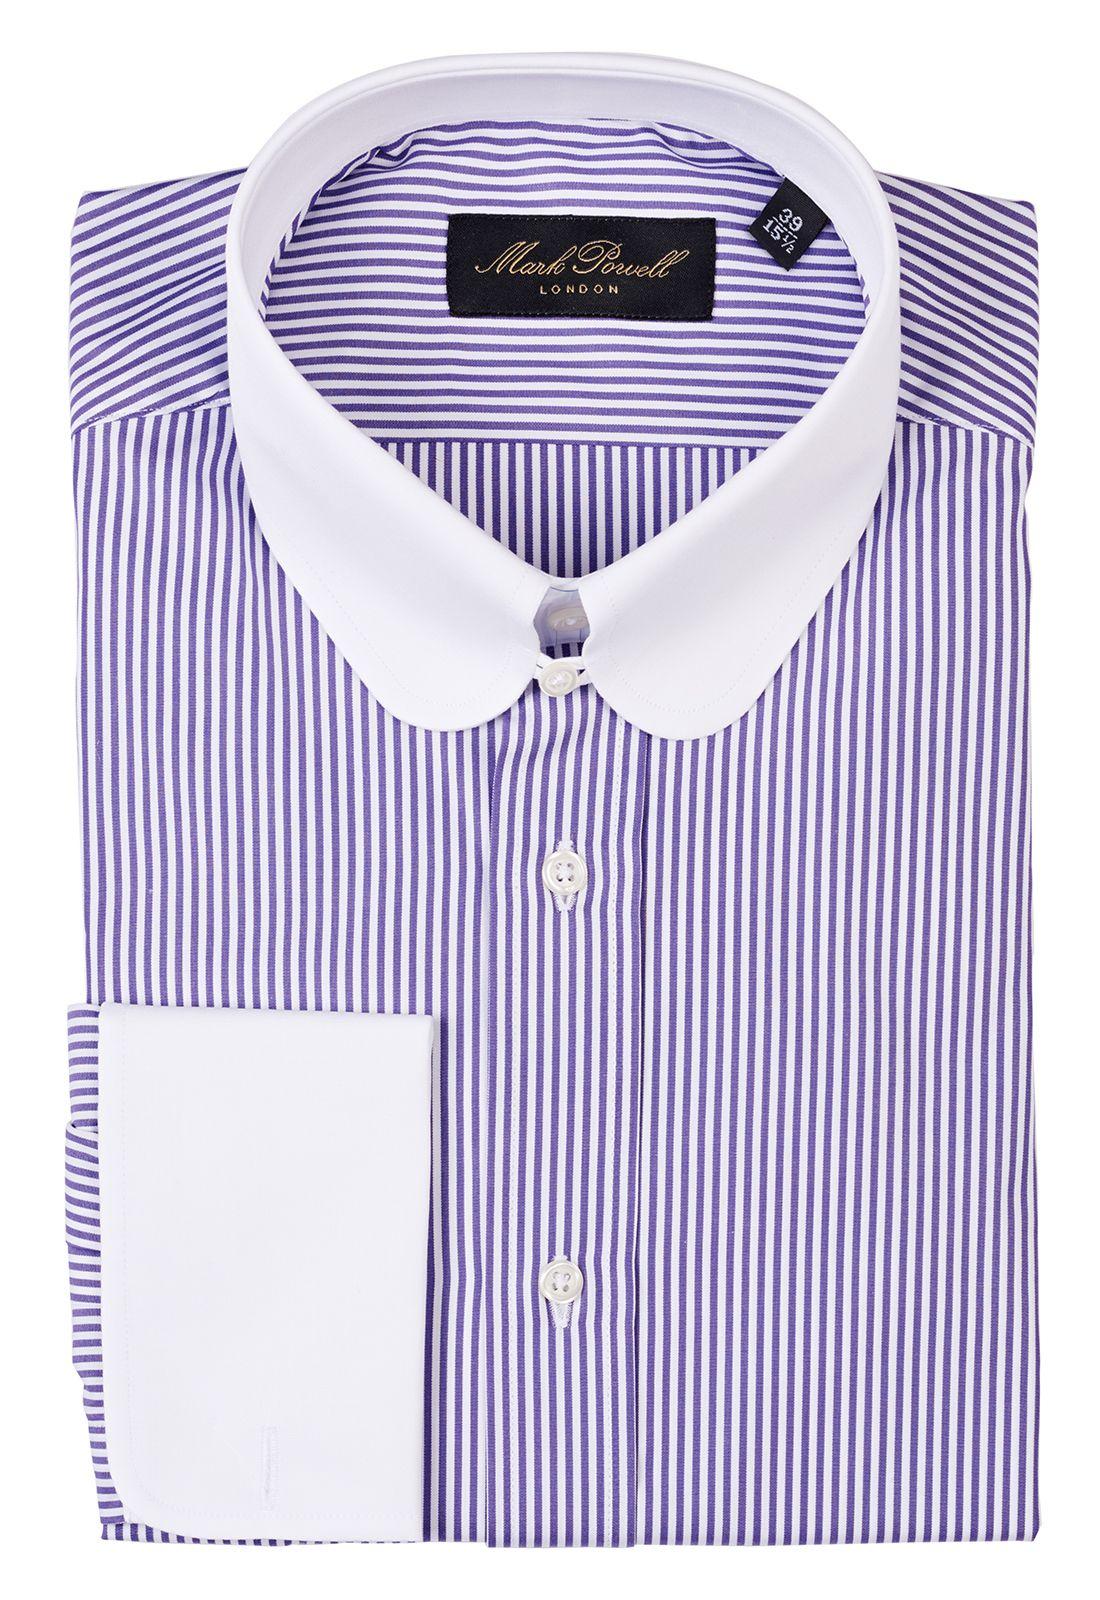 26++ Round collar dress shirts ideas in 2021